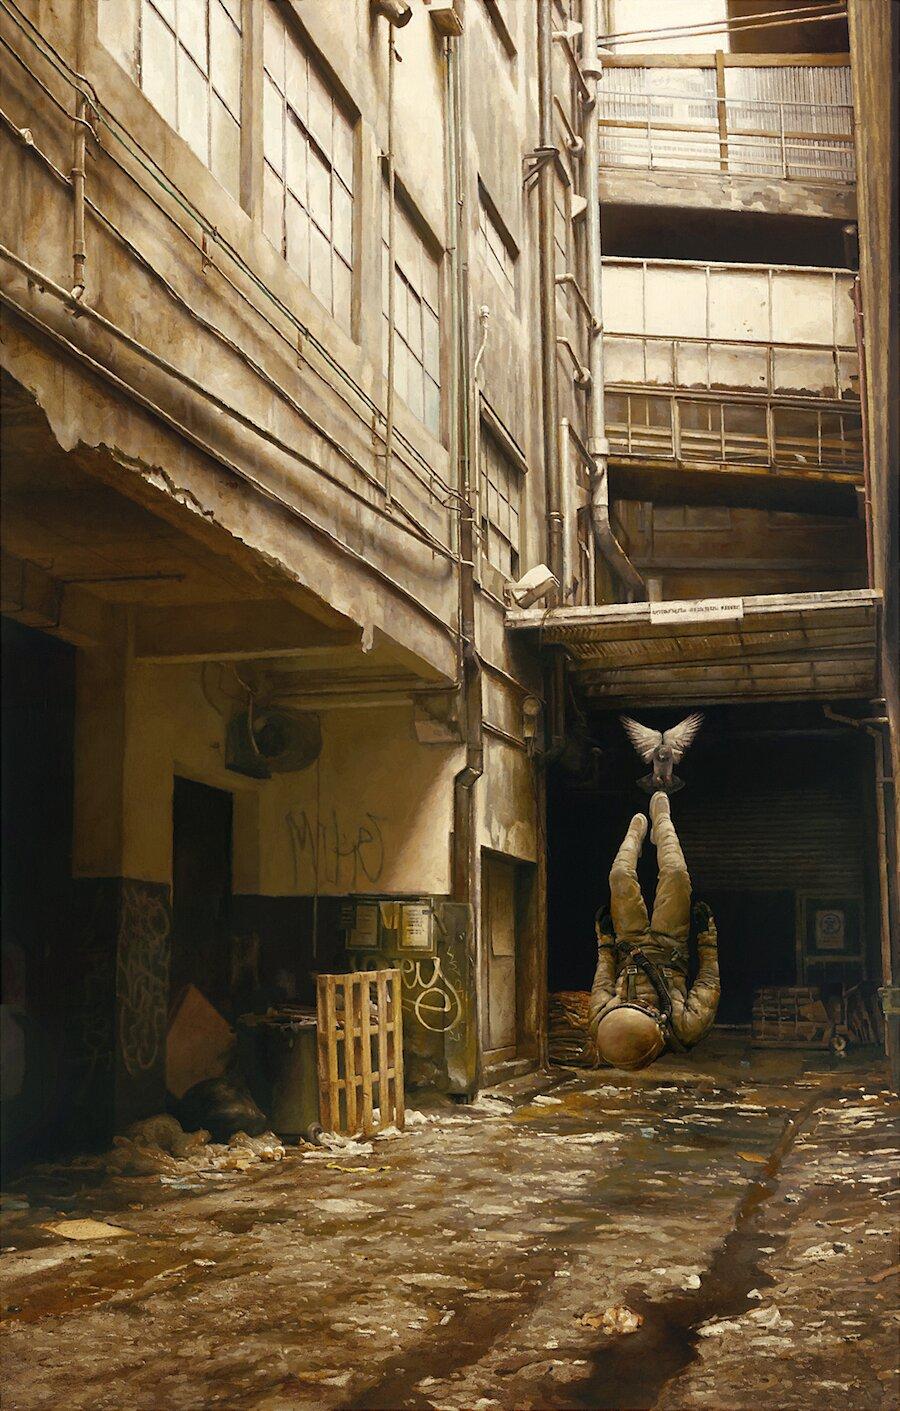 dipinti-surreali-cosmonauti-uccelli-jeremy-geddes-05